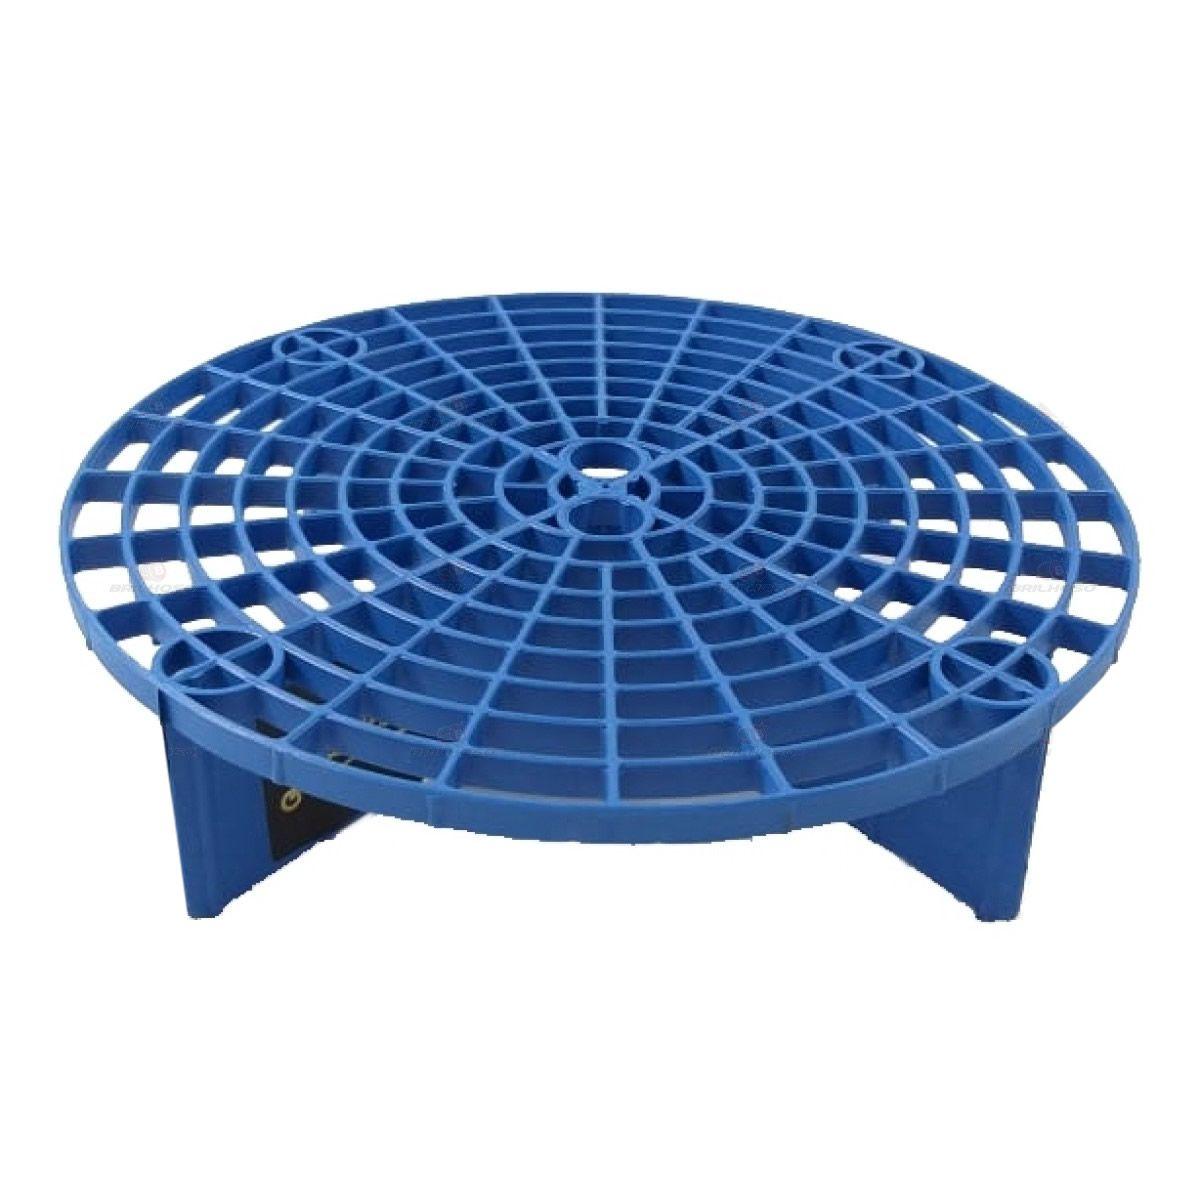 Grelha Separadora de Partículas Avulsa - Azul  - Loja Go Eco Wash